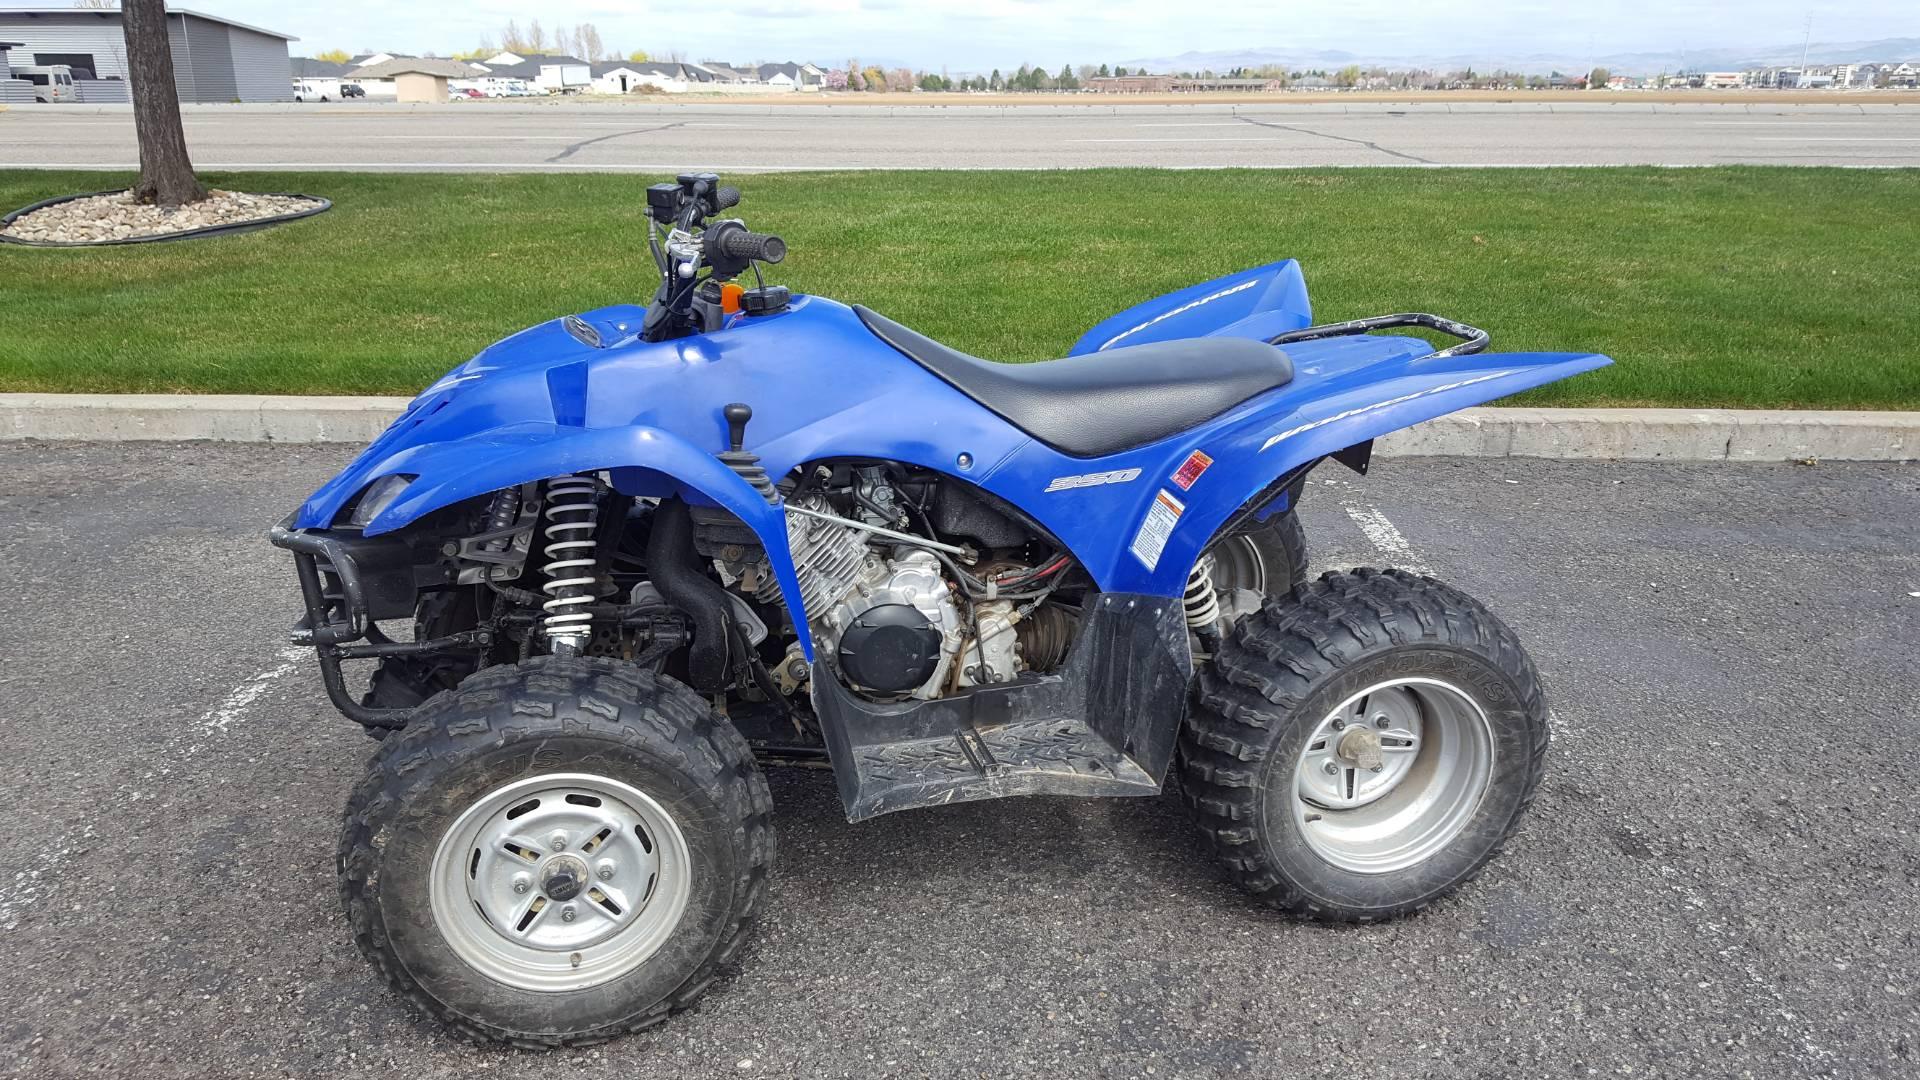 2007 Wolverine 350